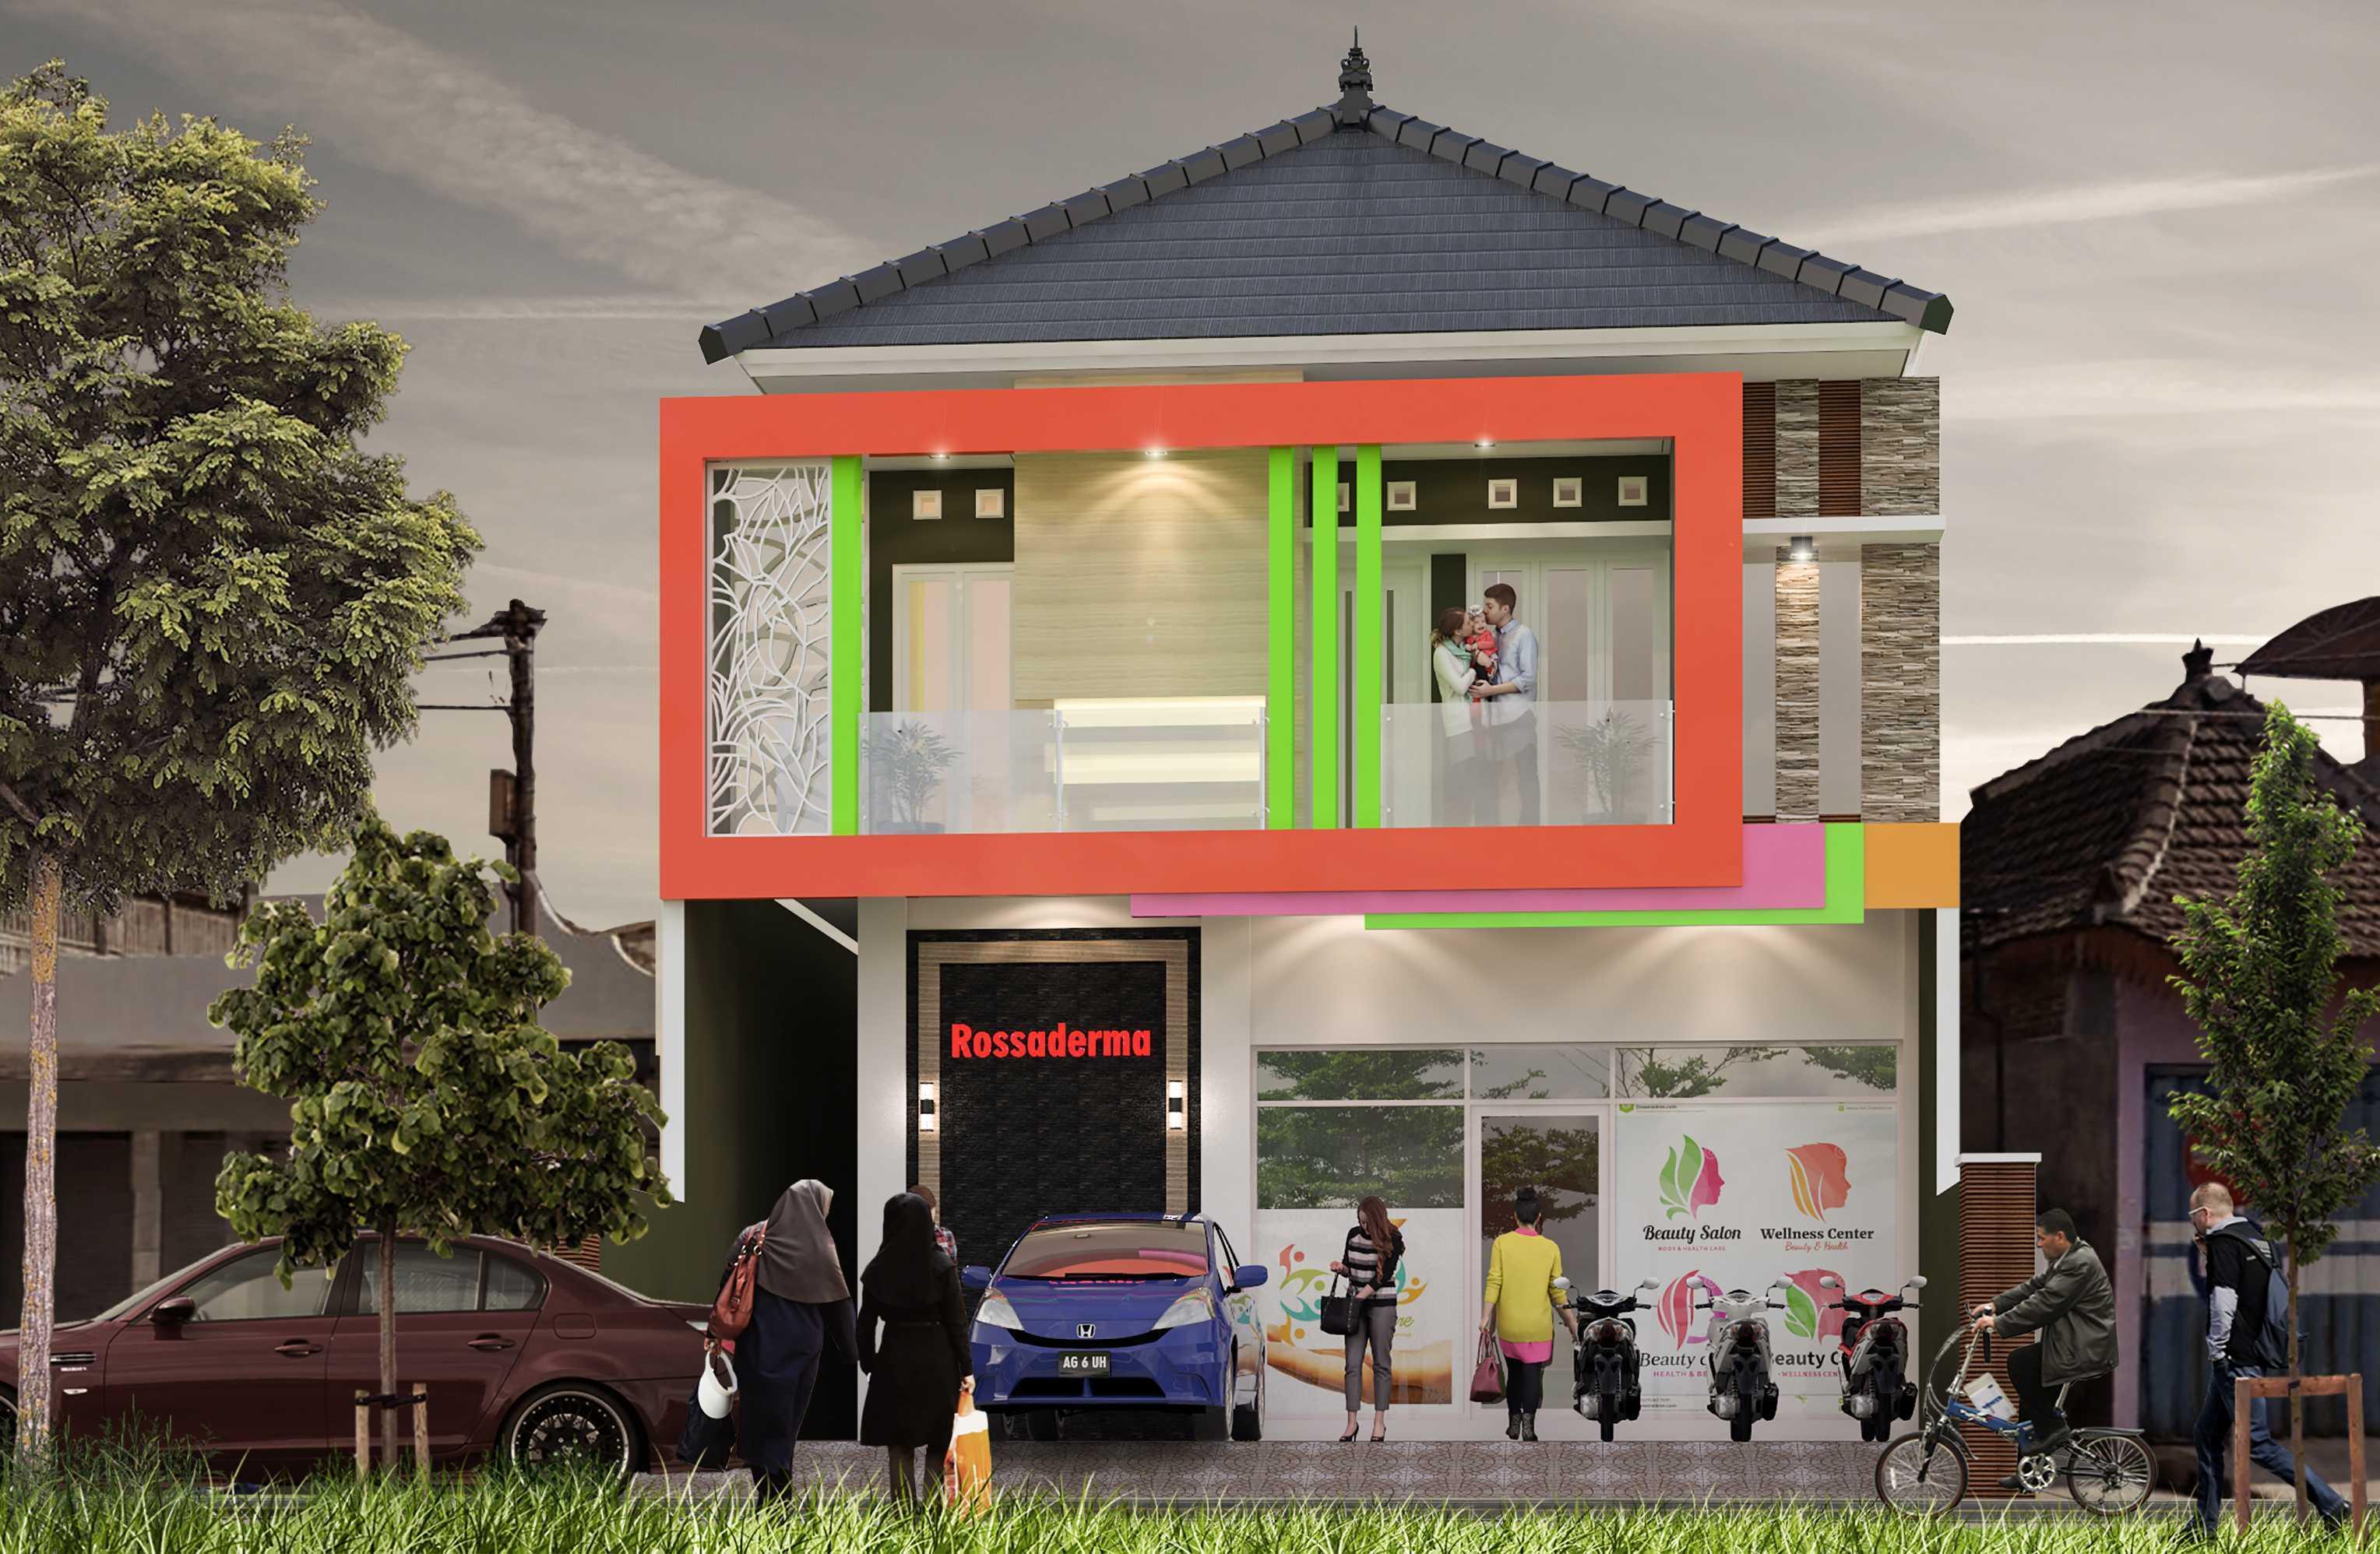 Nggambar Omah | Design And Build The Rossaderma Carehouse Blitar, Jawa Timur, Indonesia Blitar, Jawa Timur, Indonesia Front View Rendering Minimalist <P>Mempertahankan Fasad Existing Di Lantai 1</p> 43737